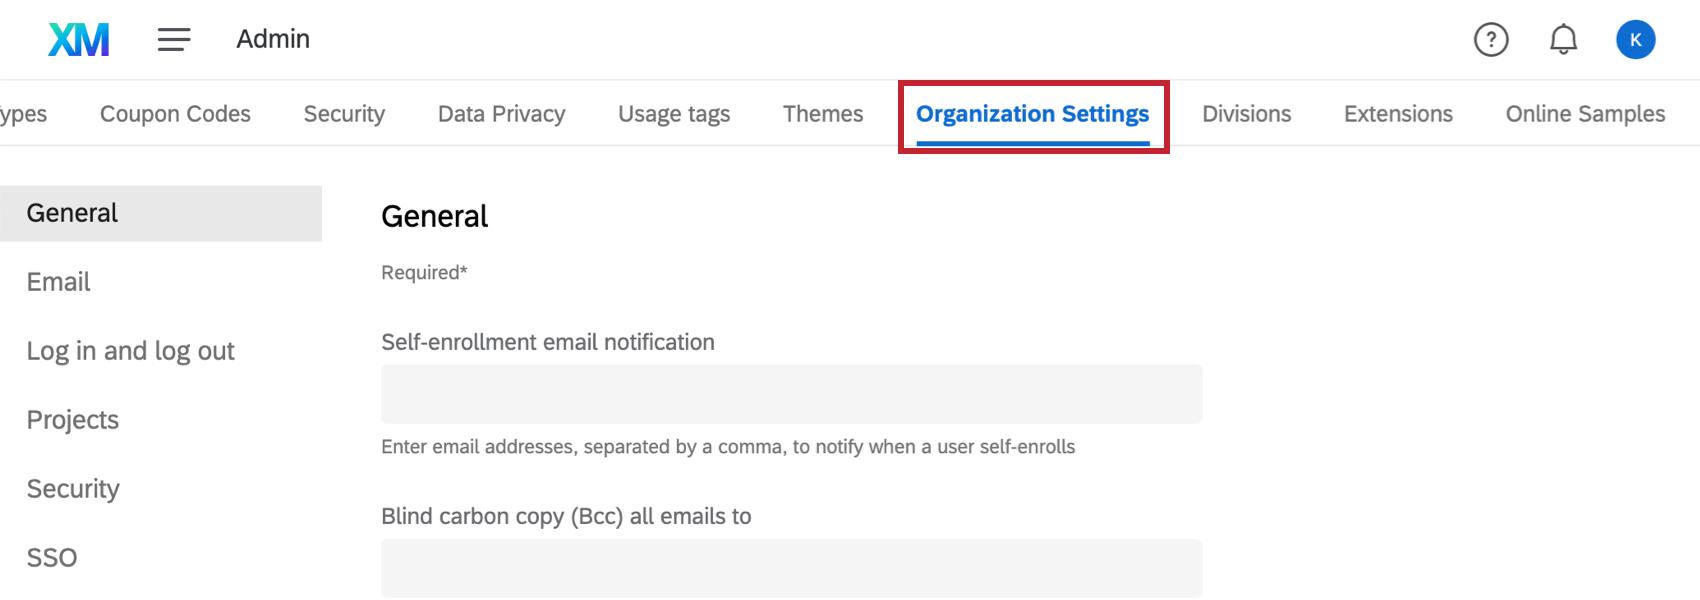 Organization Settings page